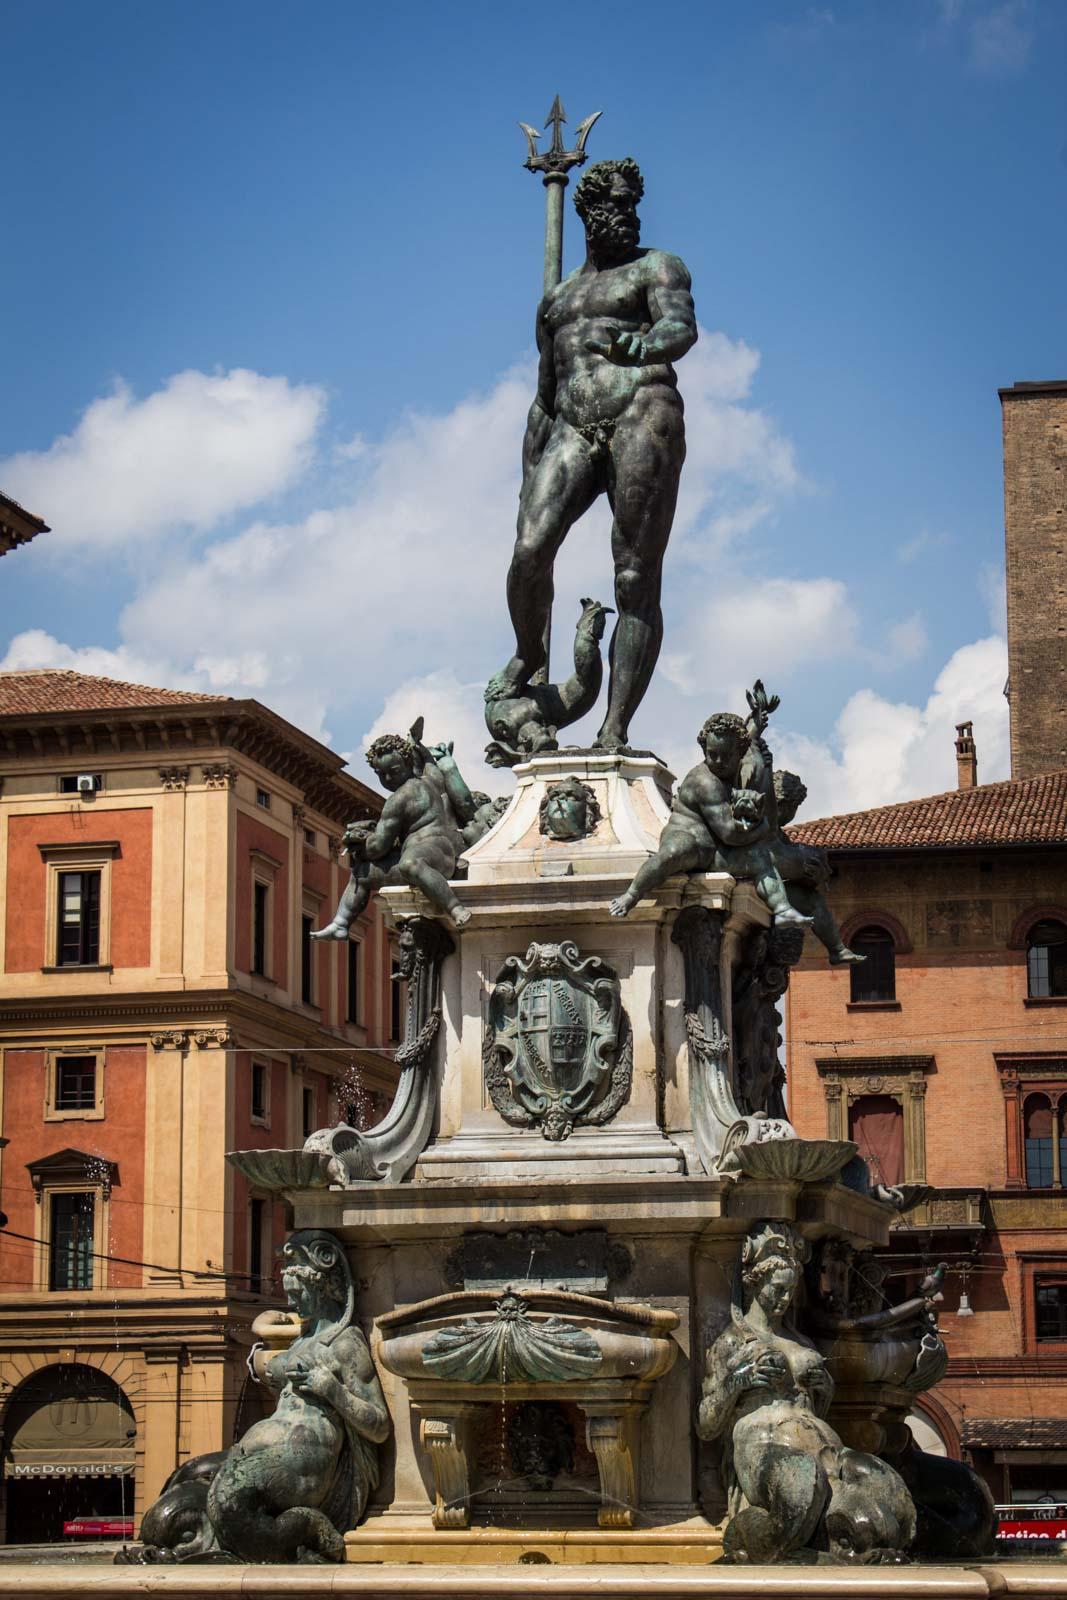 Bologna, the capital of Emilia Romagna, Italy